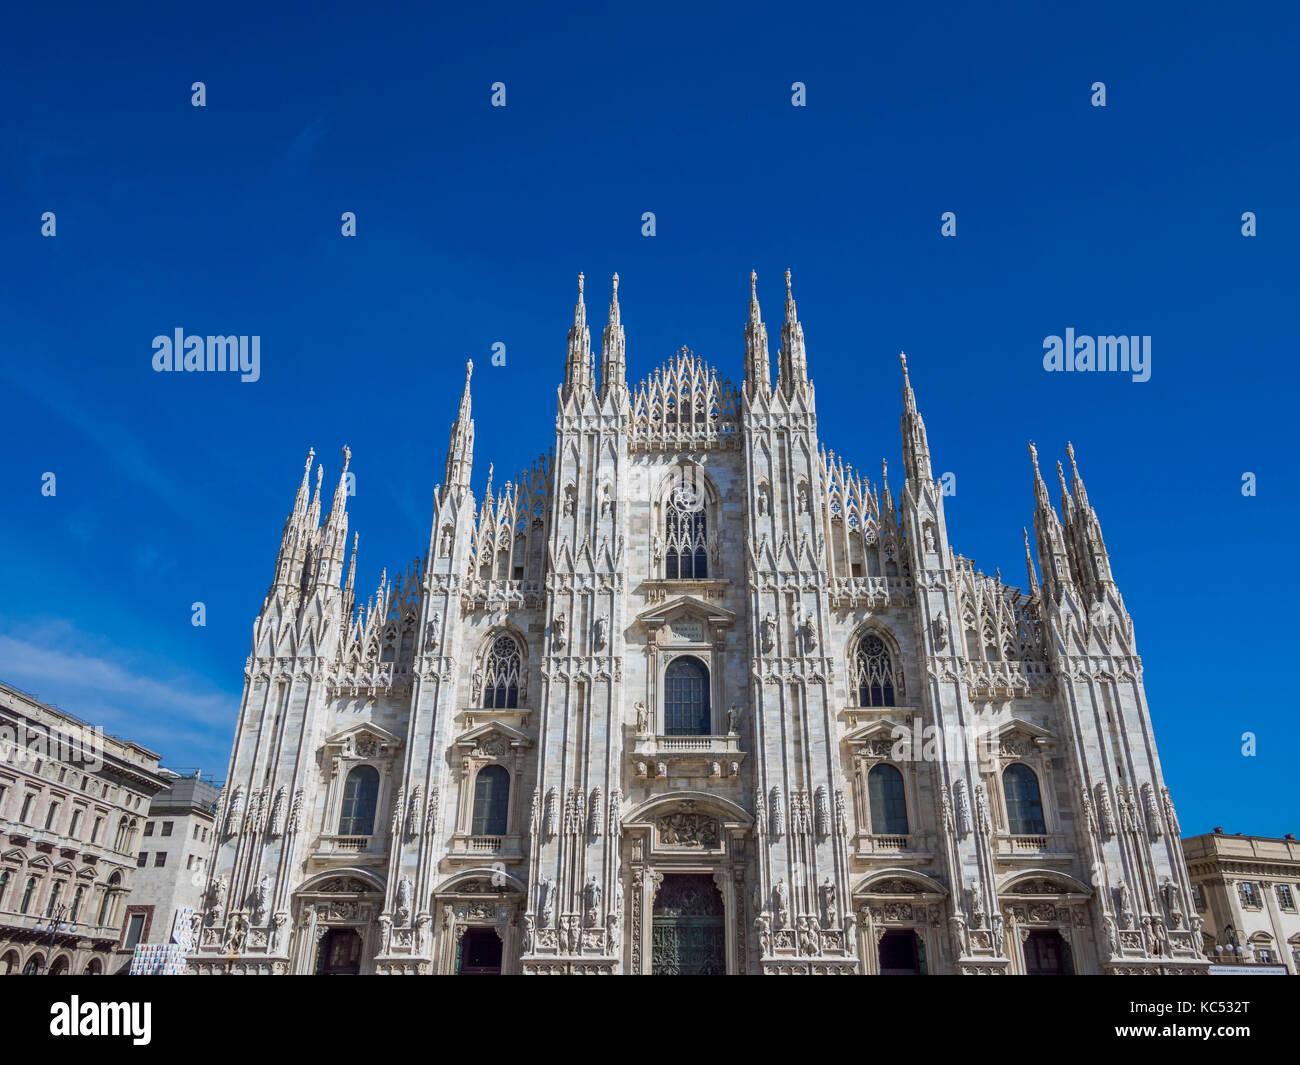 Mailänder Dom, Duomo di Santa Maria Nascente, Mailand, Lombardei, Italien, Europa Stockbild